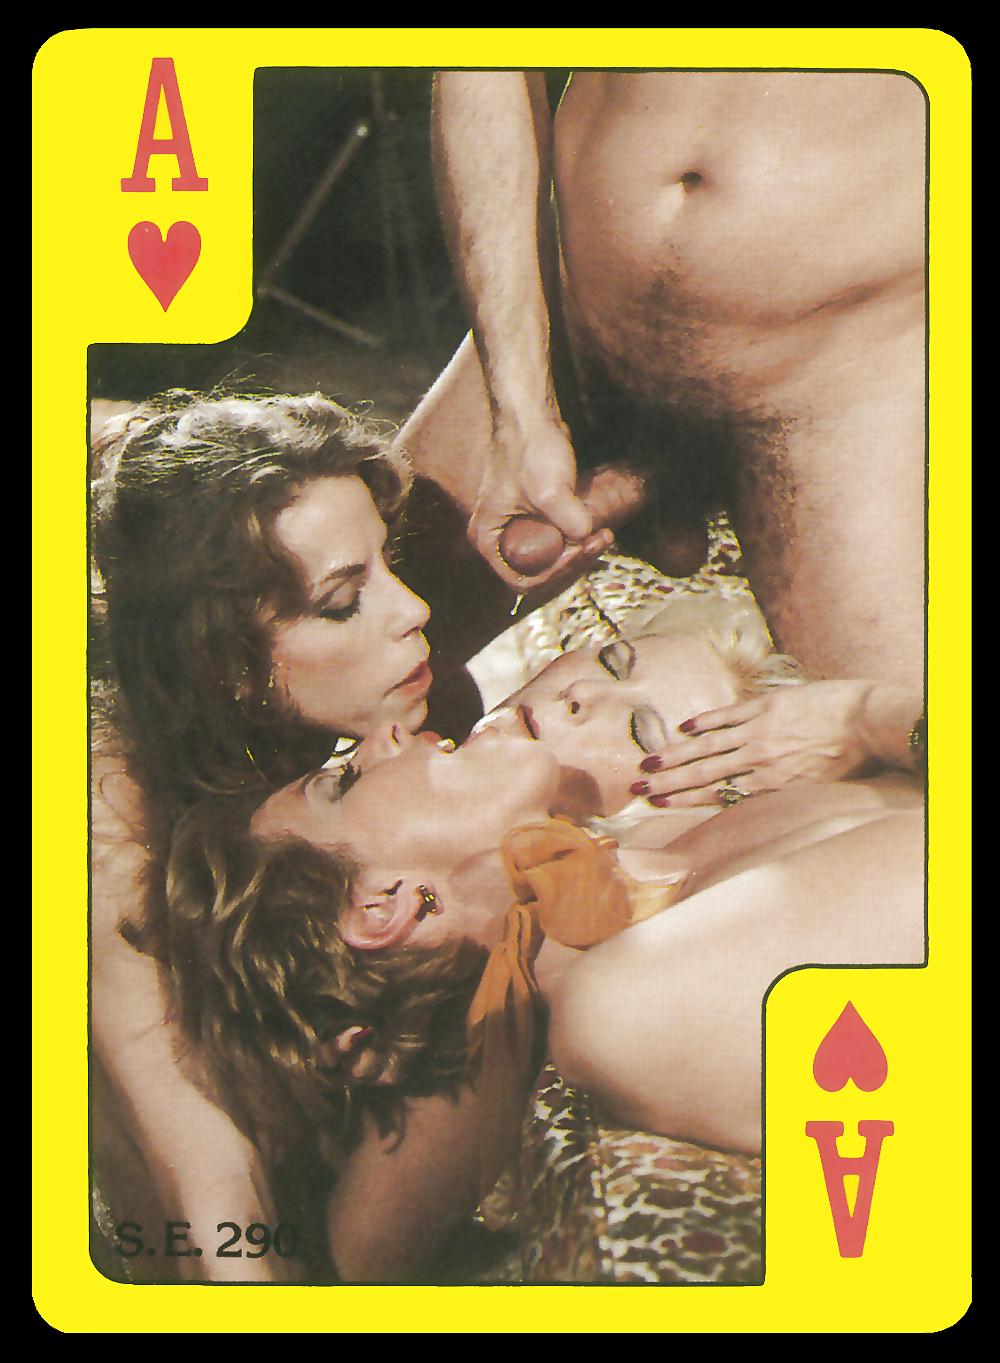 как выглядят порно карты - 2